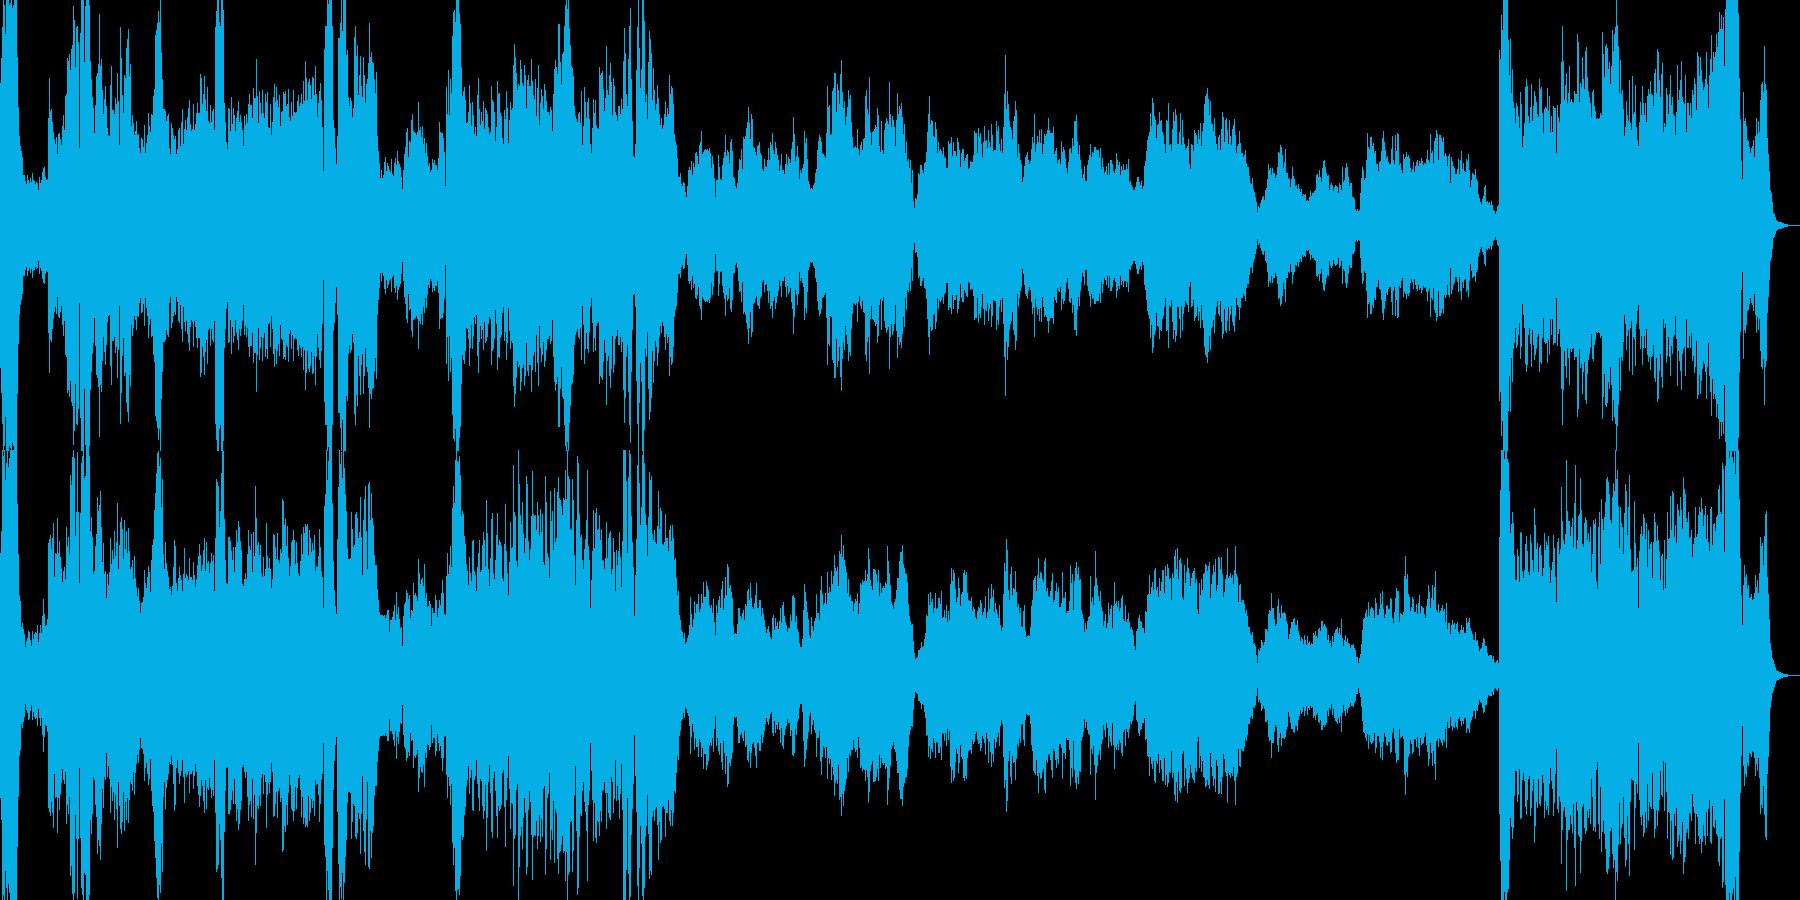 日本的な映画風オーケストラ楽曲の再生済みの波形